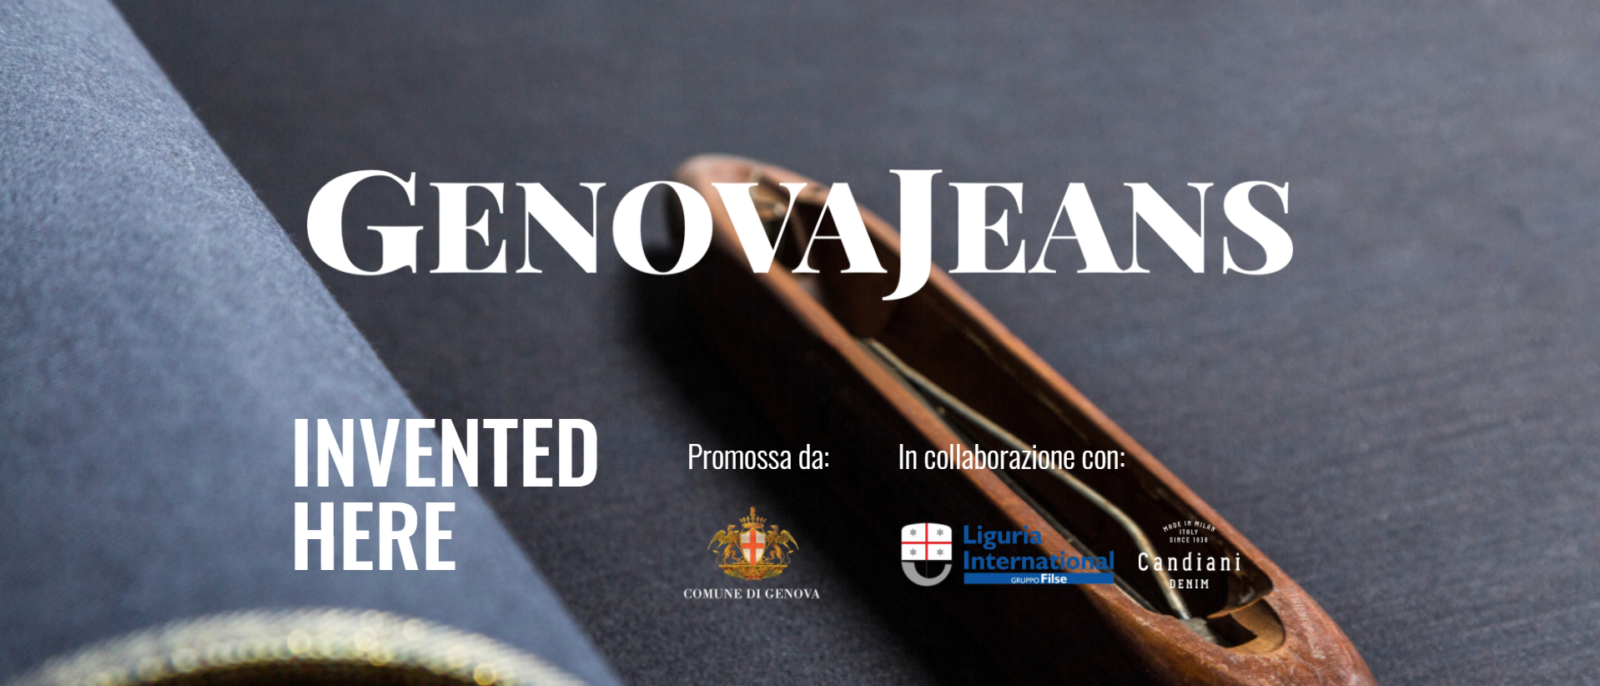 Rotolo di tessuto in jeans con scritta GenovaJeans–Invented-Here-